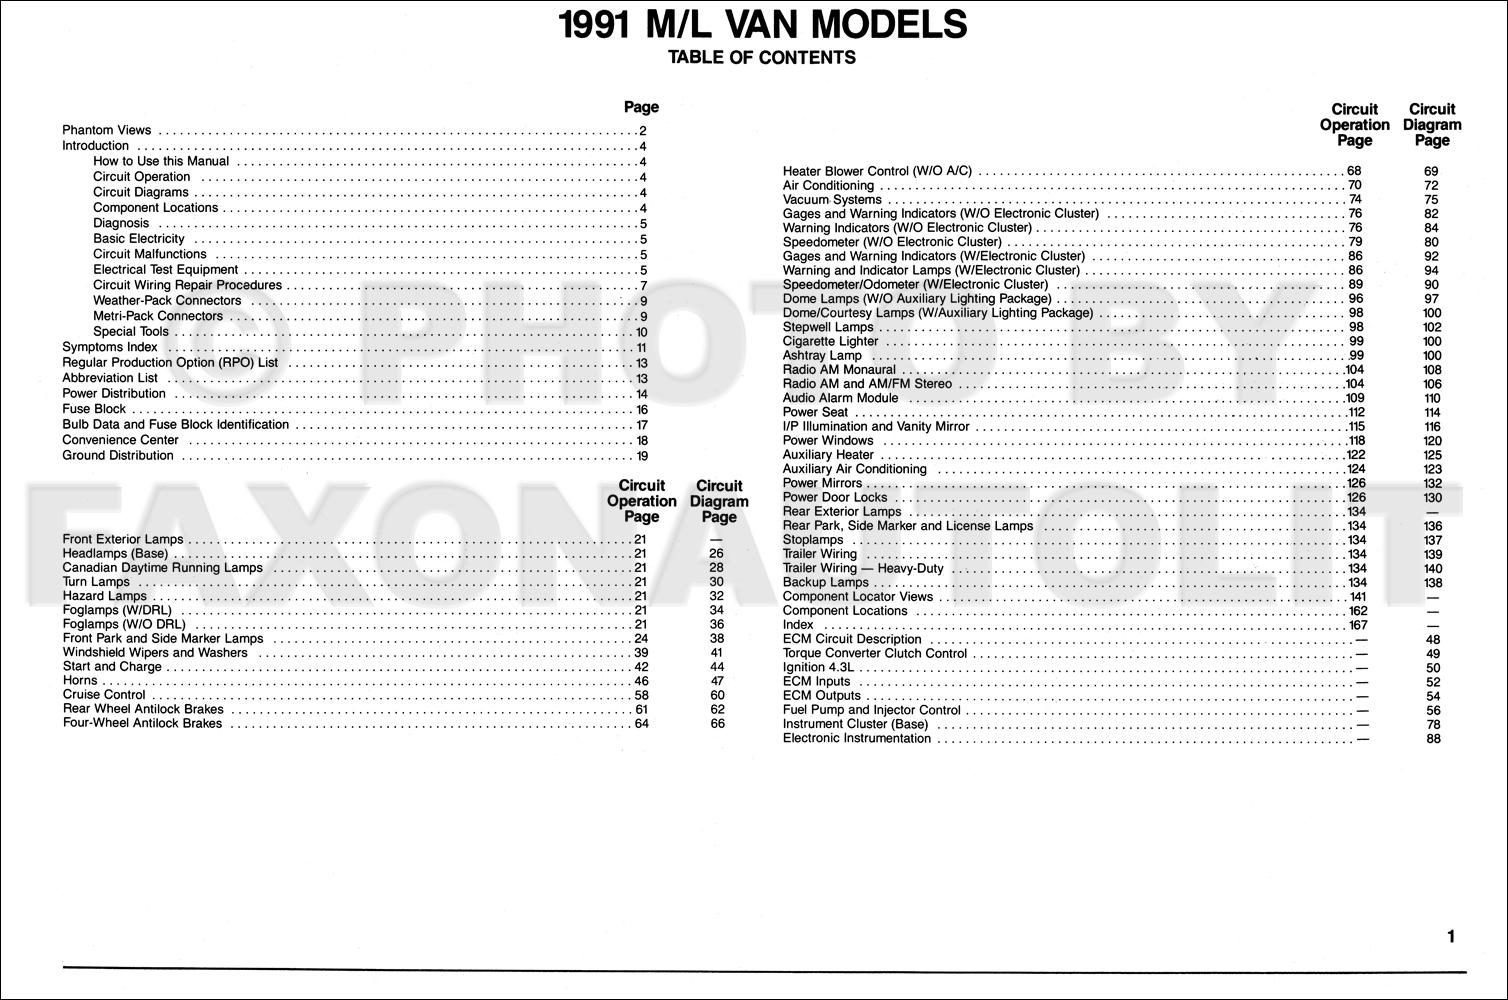 1991 chevy astro van wiring diagram manual original rh faxonautoliterature com 1992 Astro Van Wiring Diagram 1991 Astro Van Wiring Diagram